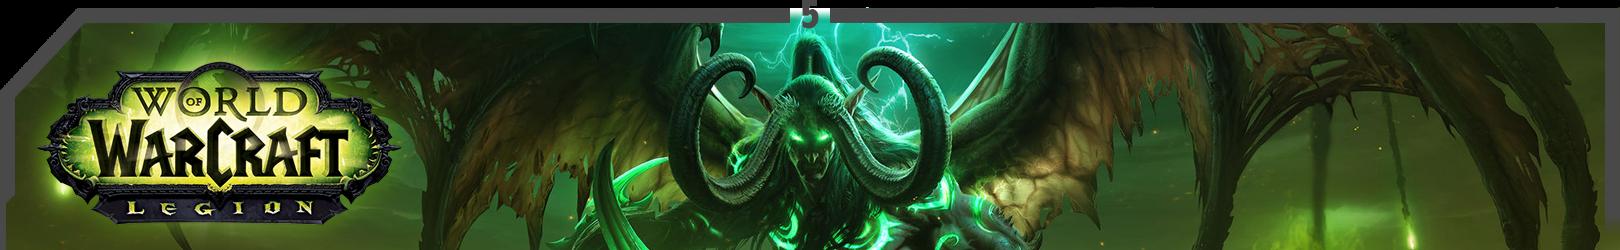 Bas 2016: World of Warcraft Legion